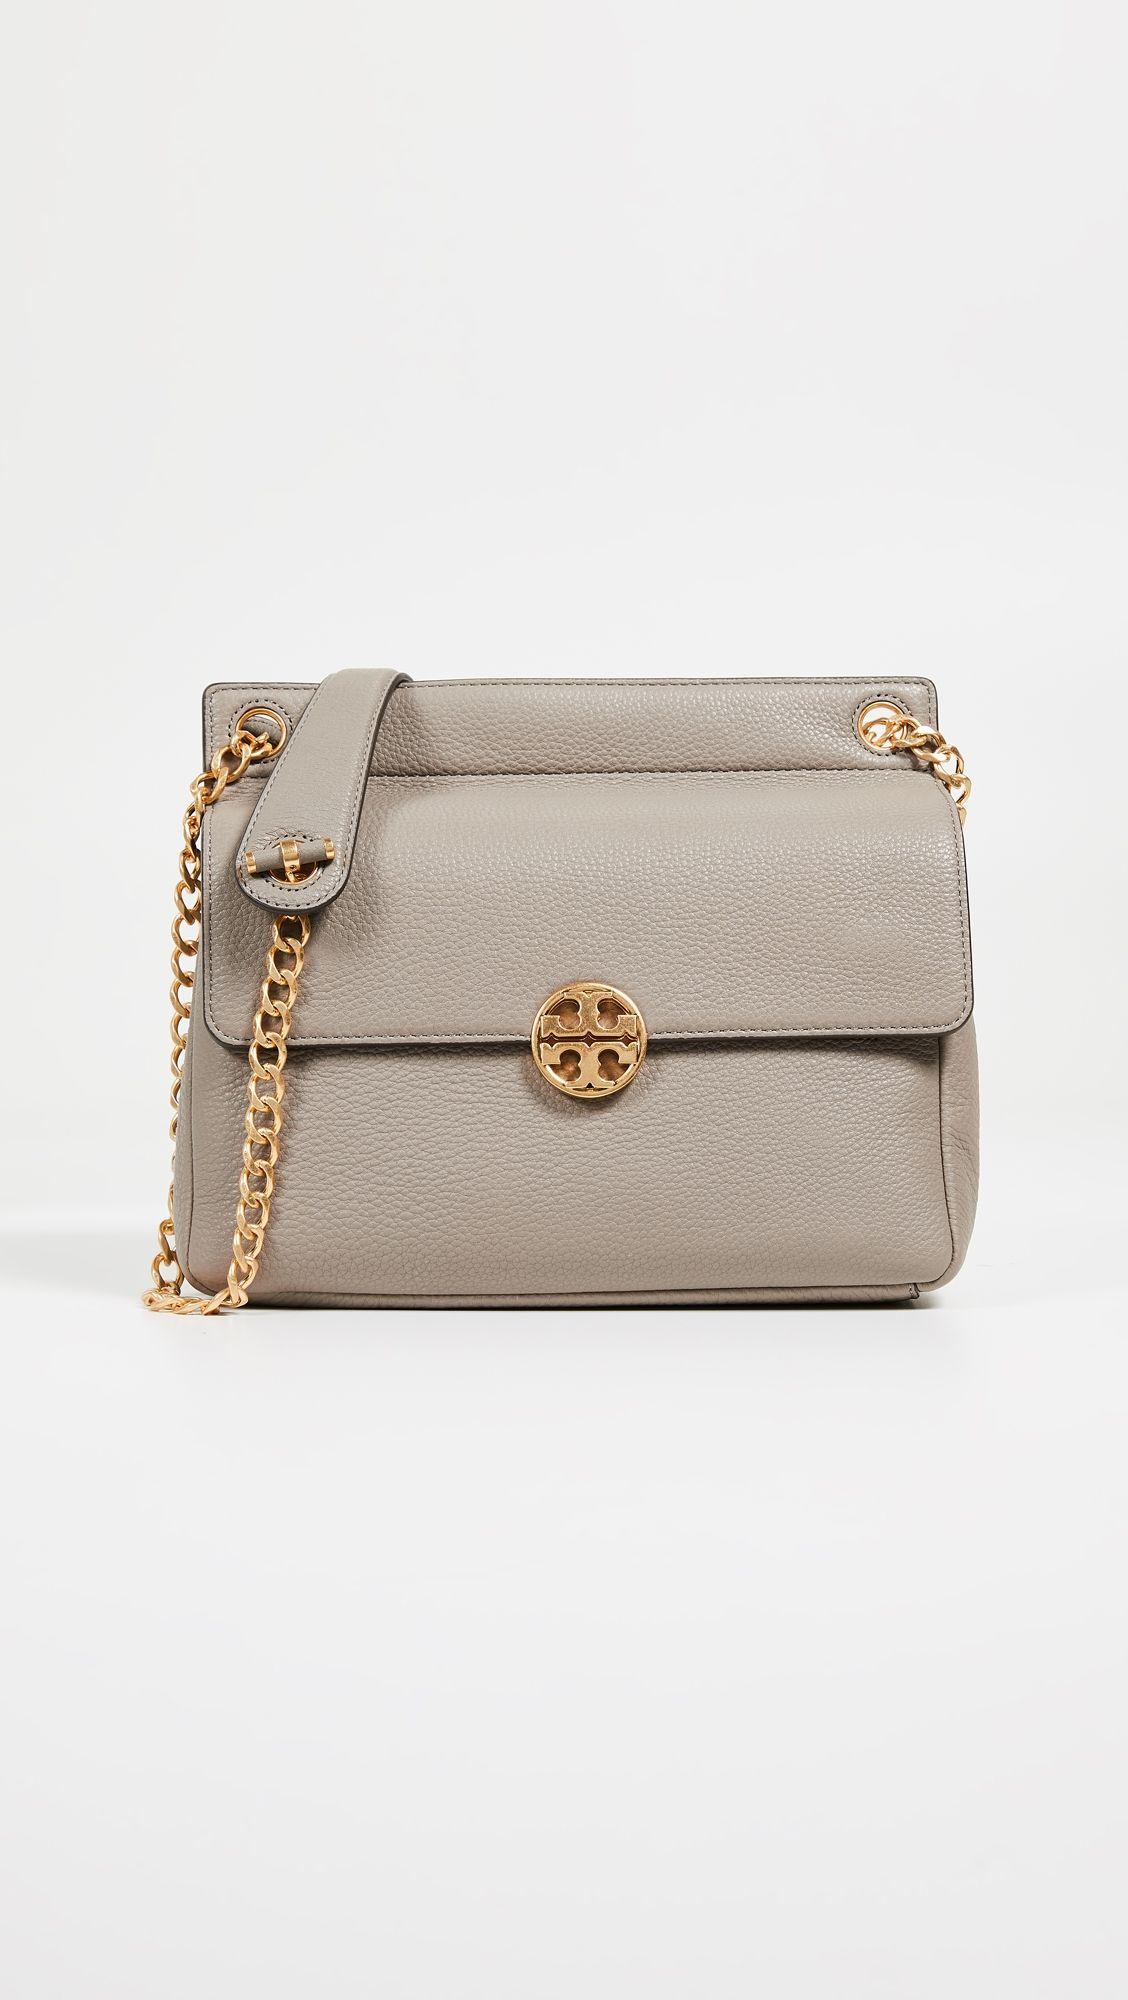 1c45795a216c6 Chelsea Flap Shoulder Bag in 2019   Products   Shoulder bag, Bags ...